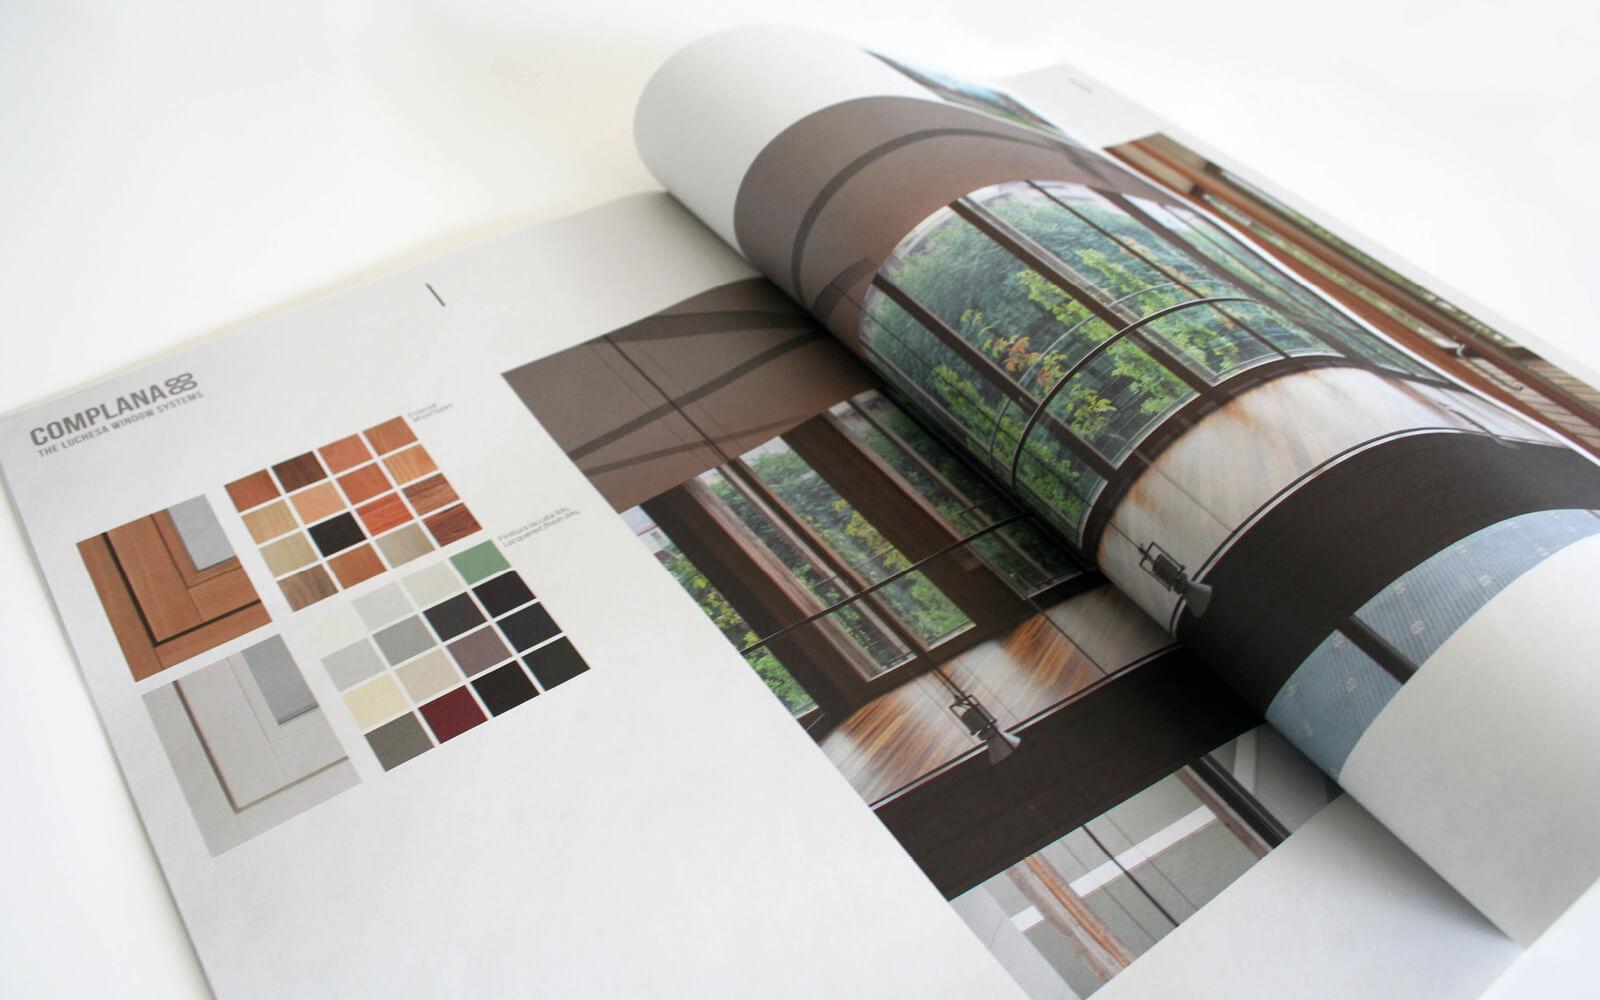 pagine interne del grande depliant in formato tabloid, per la vendita di serramenti, creato da diadestudio arco di trento